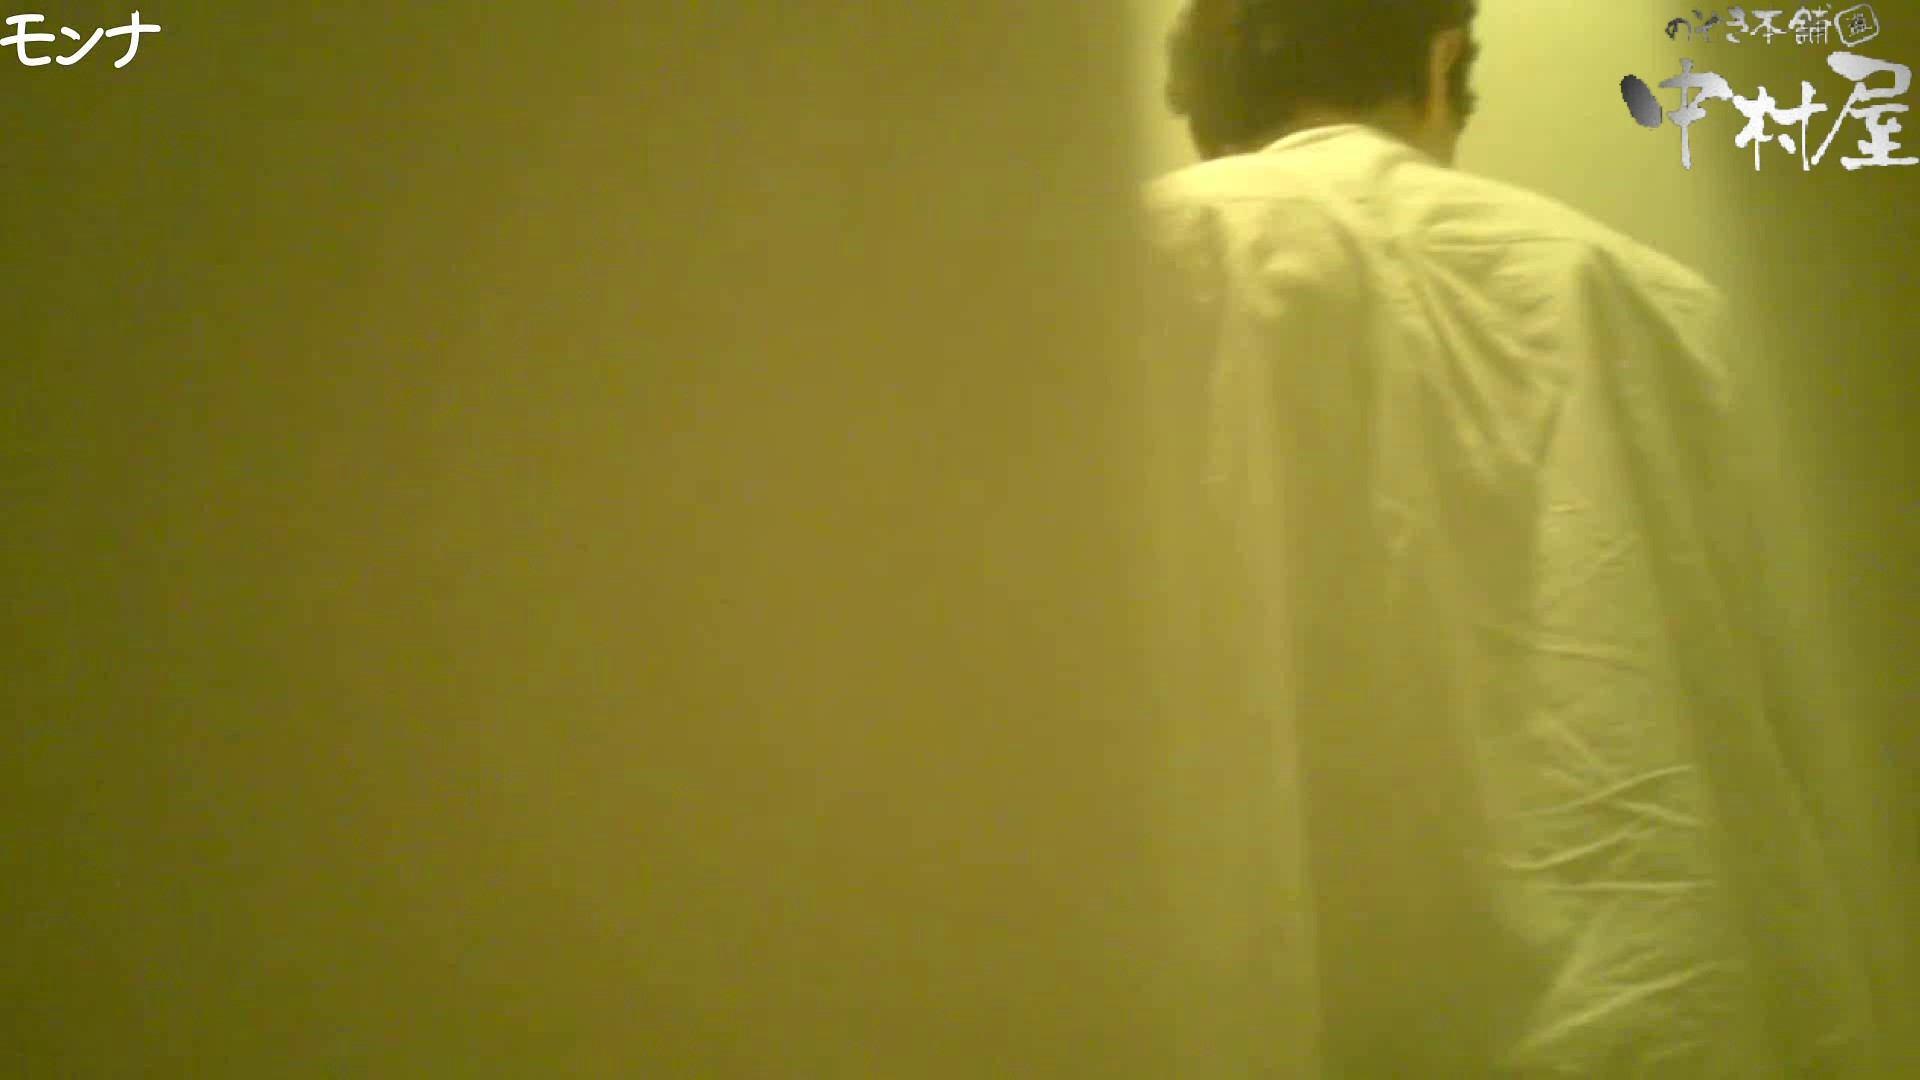 有名大学女性洗面所 vol.66 清楚系女子をがっつり!! 潜入 のぞき動画キャプチャ 81PIX 68